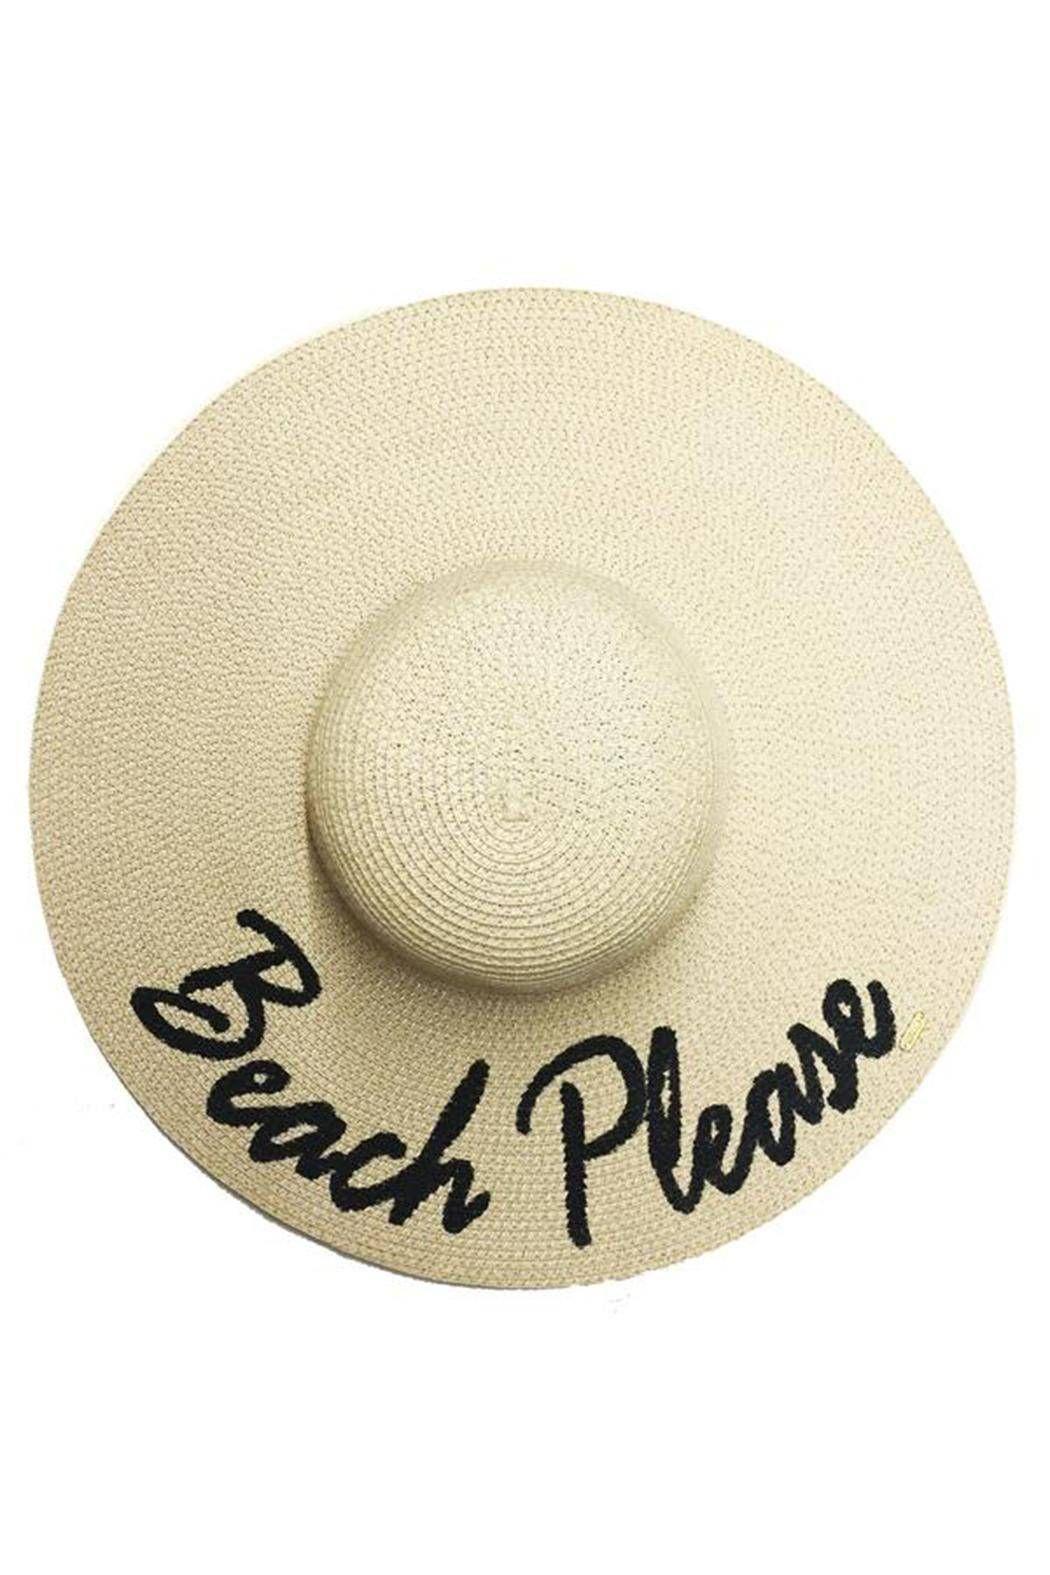 283873087 Abaco Beach Company Beach Please Hat | Shop Beach Accessories | Hats ...